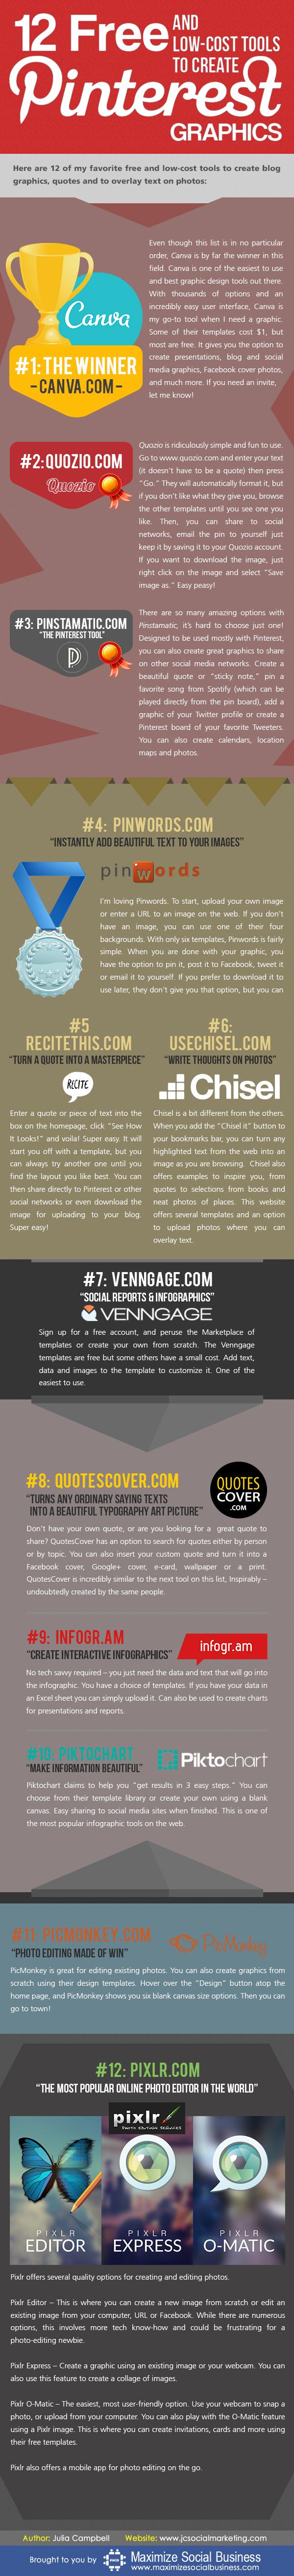 12 Tool Gratuiti per creare immagini su Pinterest | Pinterestitaly